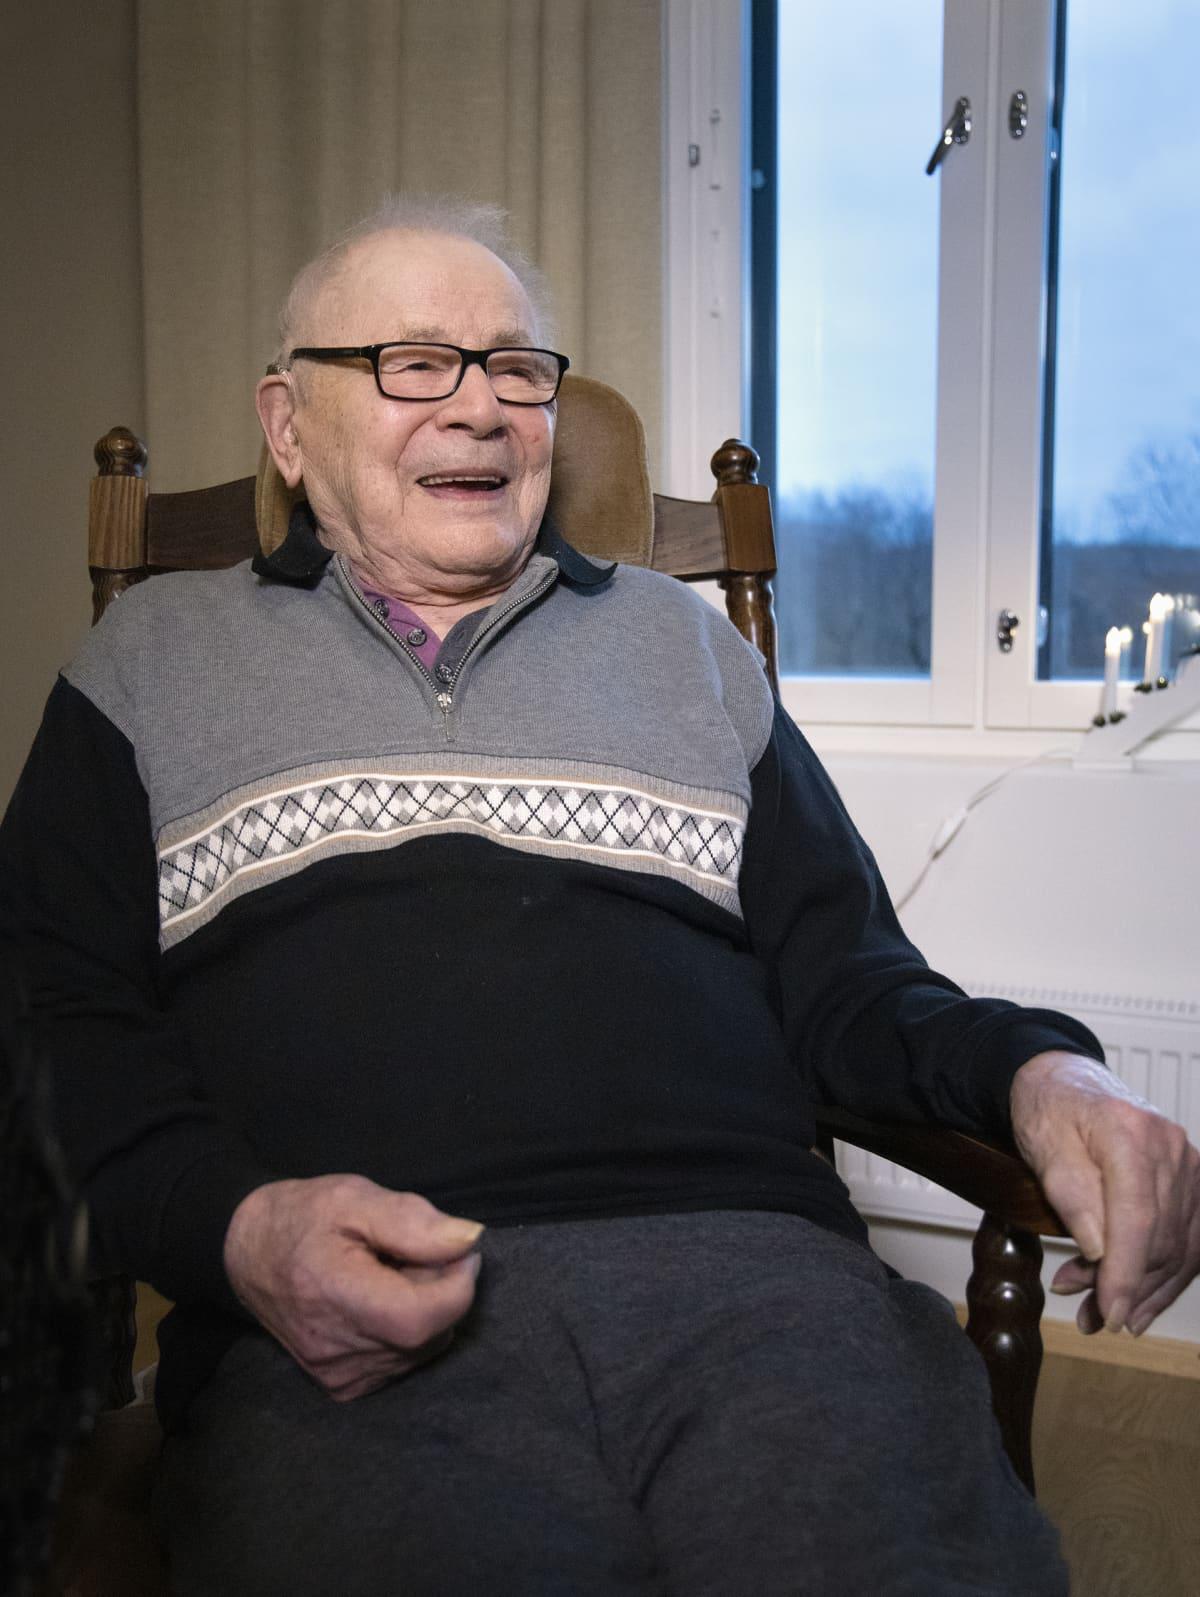 Pentti Poutanen